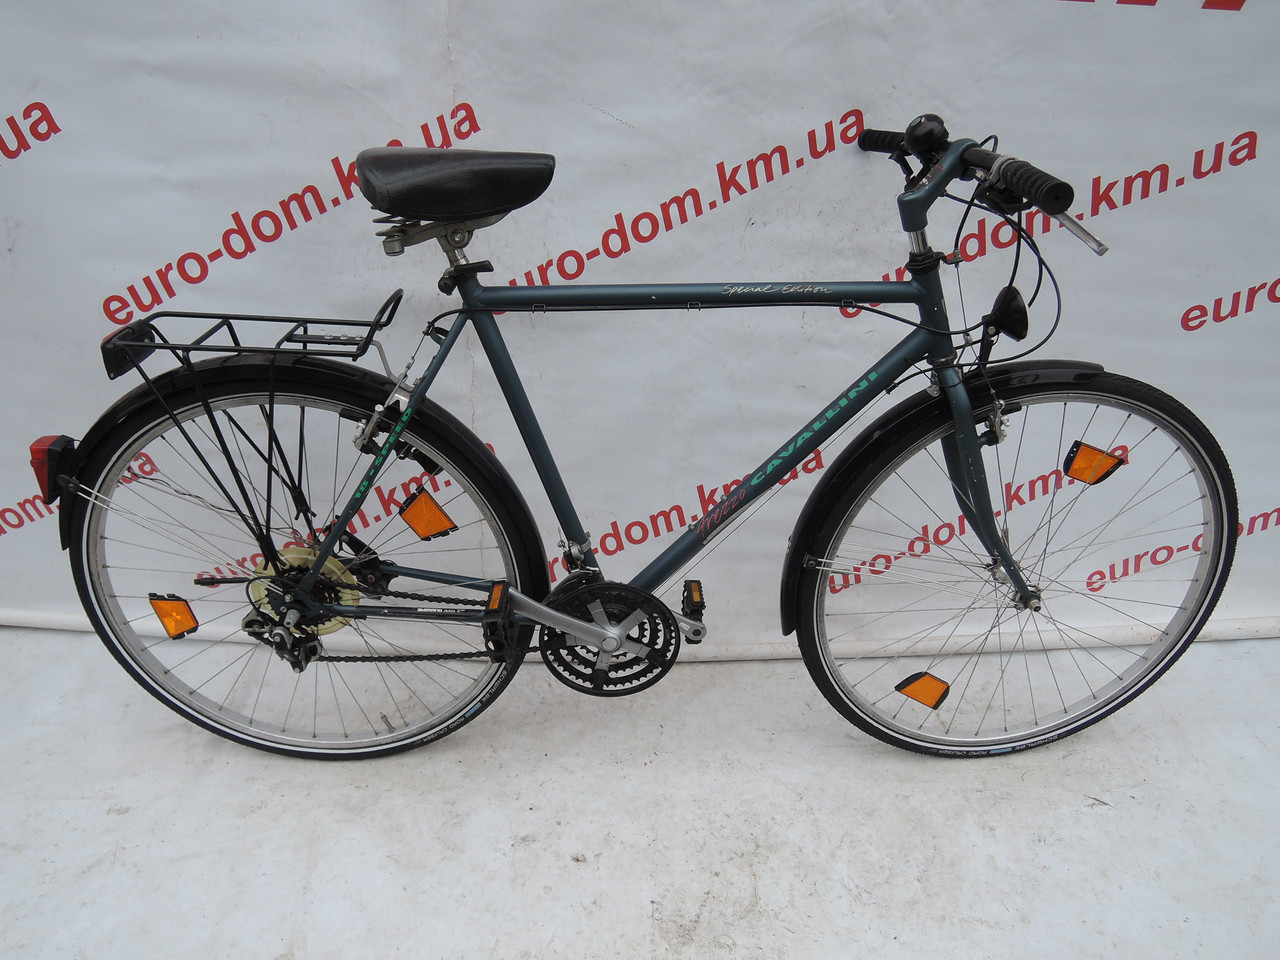 Городской велосипед Cavallini 28 колеса 21 скорость